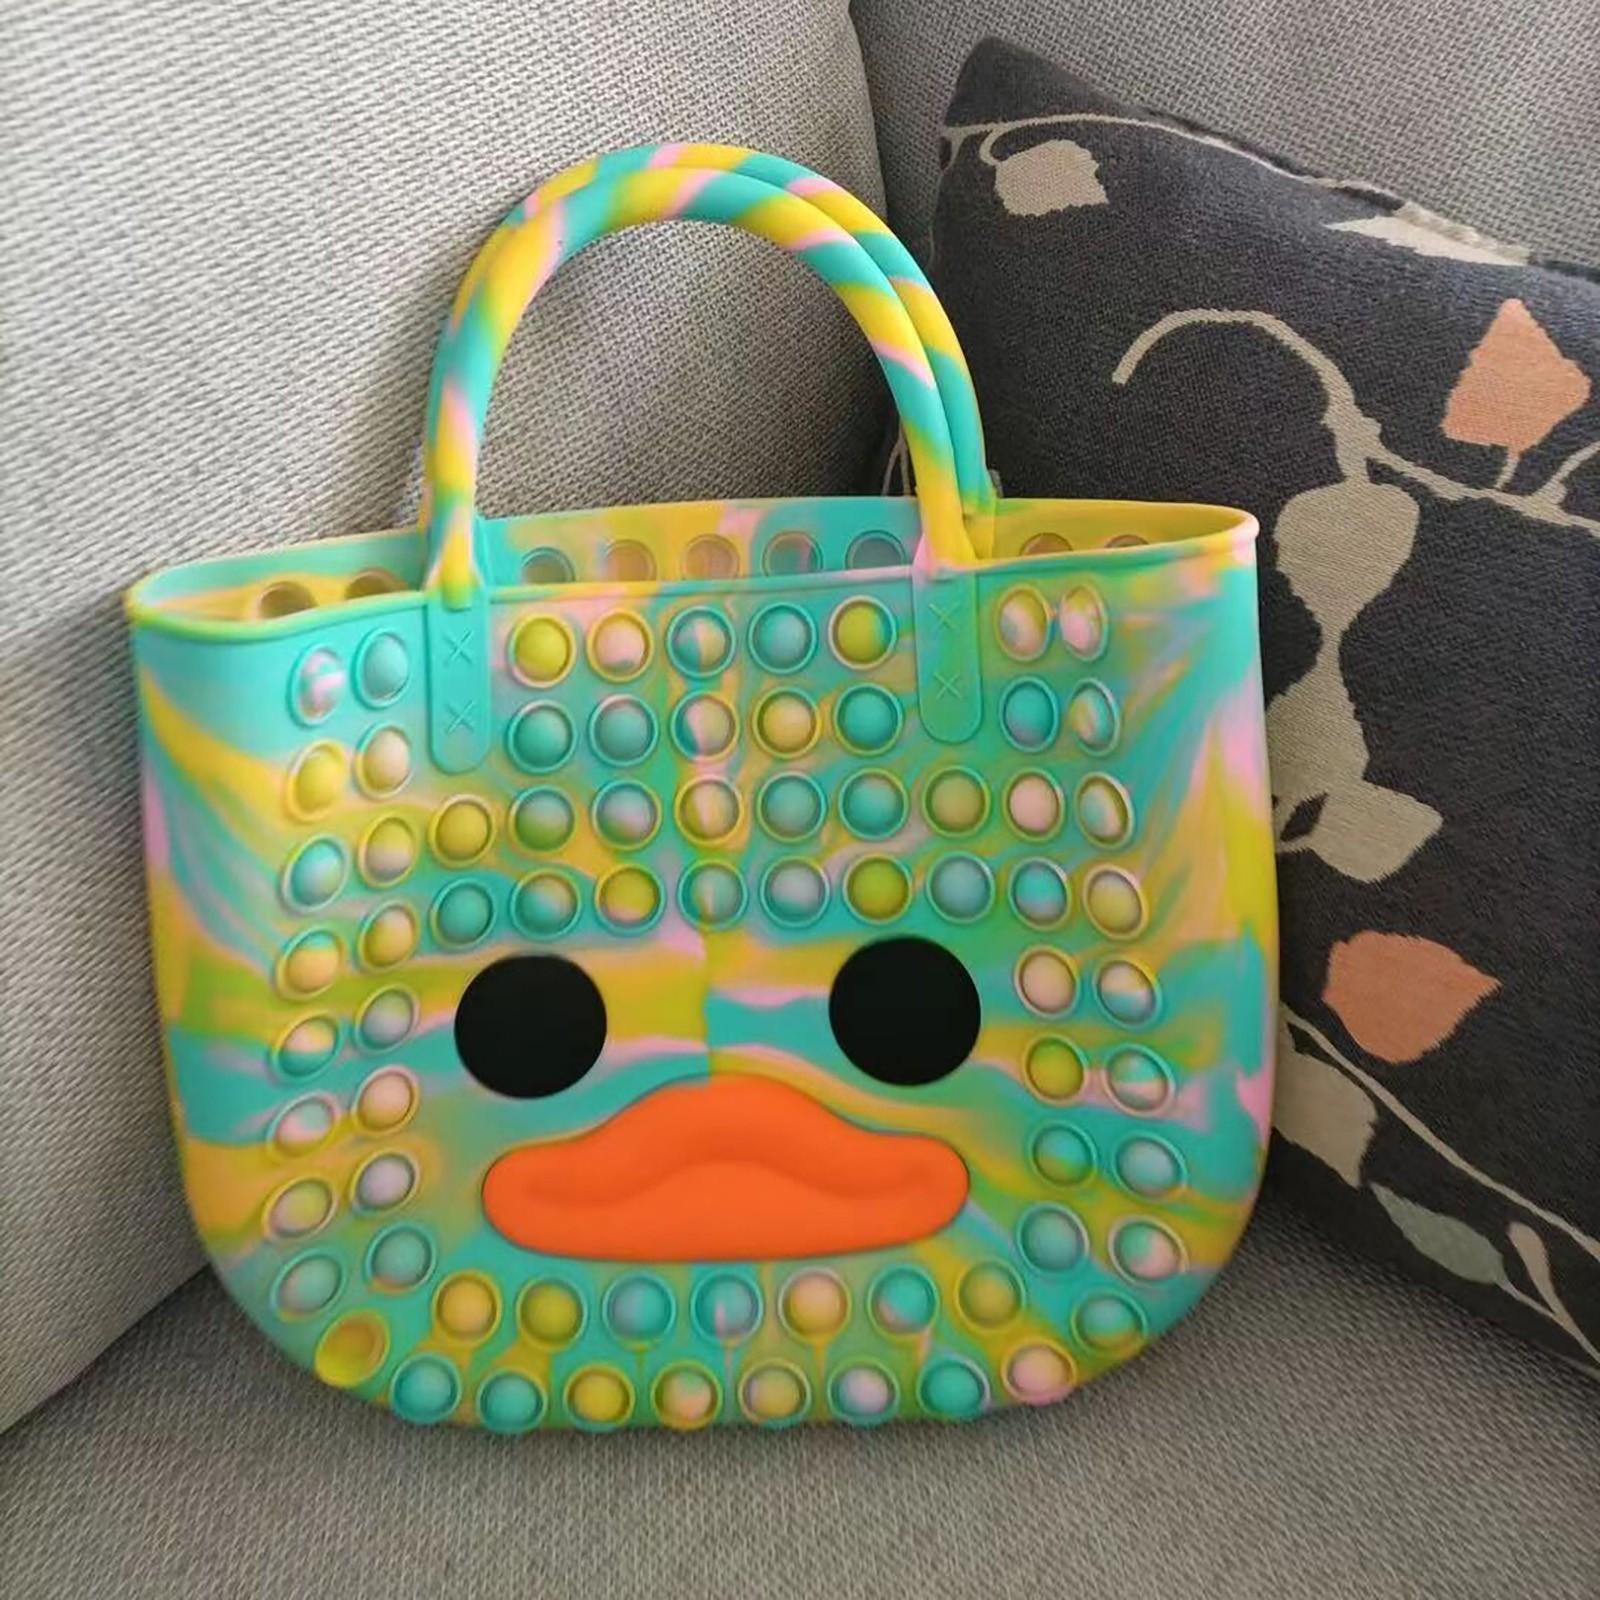 Kawaii Carino Borsa Fidget Giocattoli Spinge la sua bolla Stress Reliever Duck Simpl Dimmer Dimmer Antistress Bambini Giocattolo sensoriale